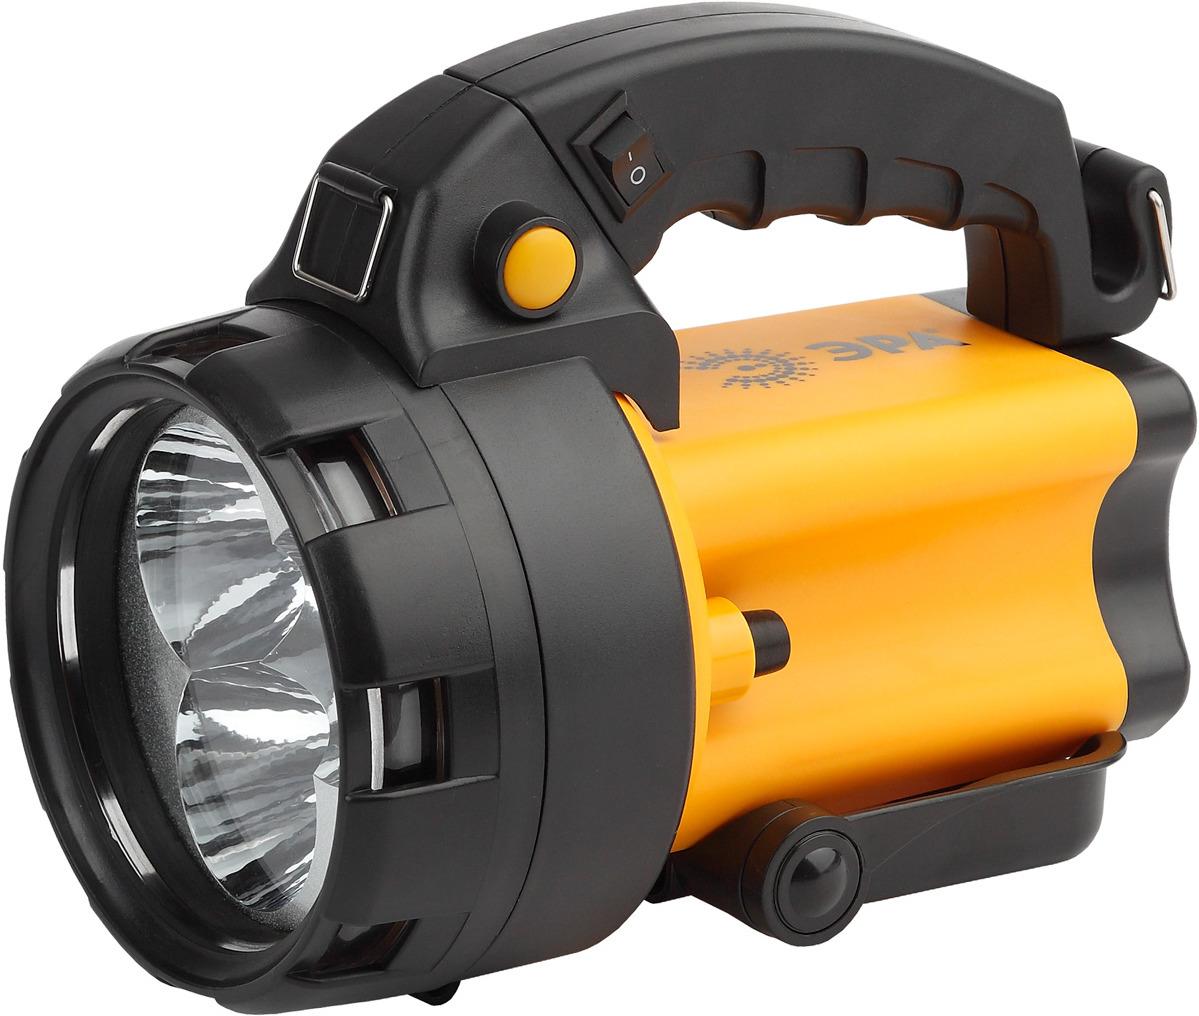 Фара-искатель ЭРА Альфа PA-604, Б0031035, оранжевый, черный, 3 x 1Вт LED SMD эра б0031033 фонарь прожектор pa 602 альфа 19 светодиодов аккумулятор литий 3ач зу 220v 12v